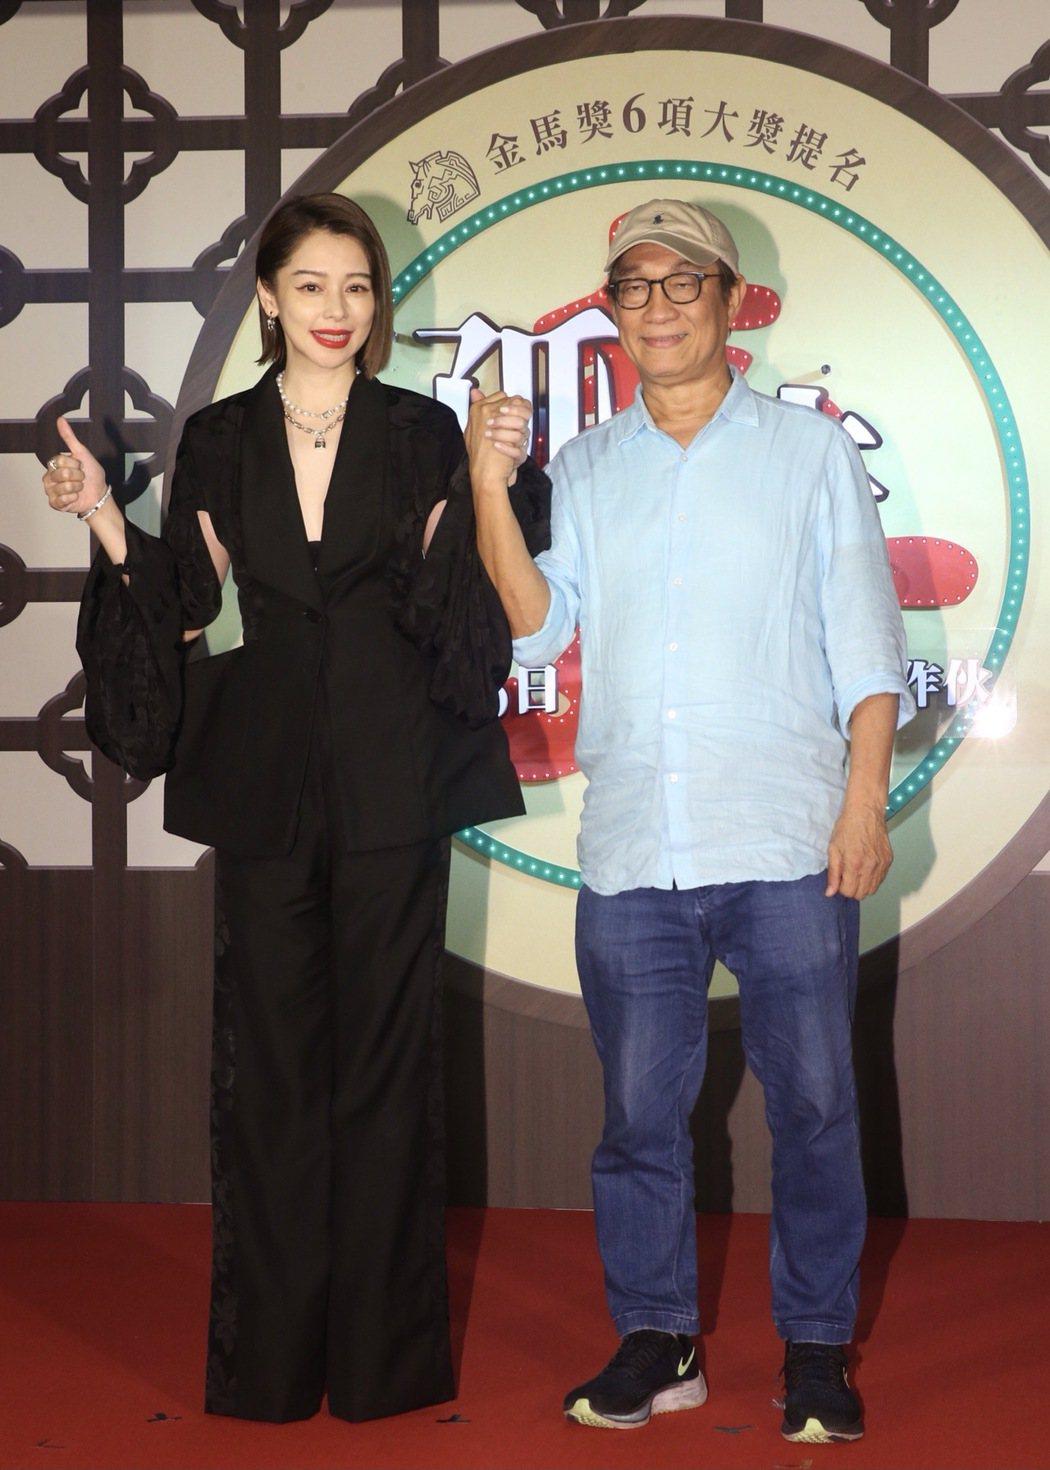 電影「孤味」首映會,監製廖慶松(右)、監製暨主演徐若瑄(左)。記者黃義書/攝影